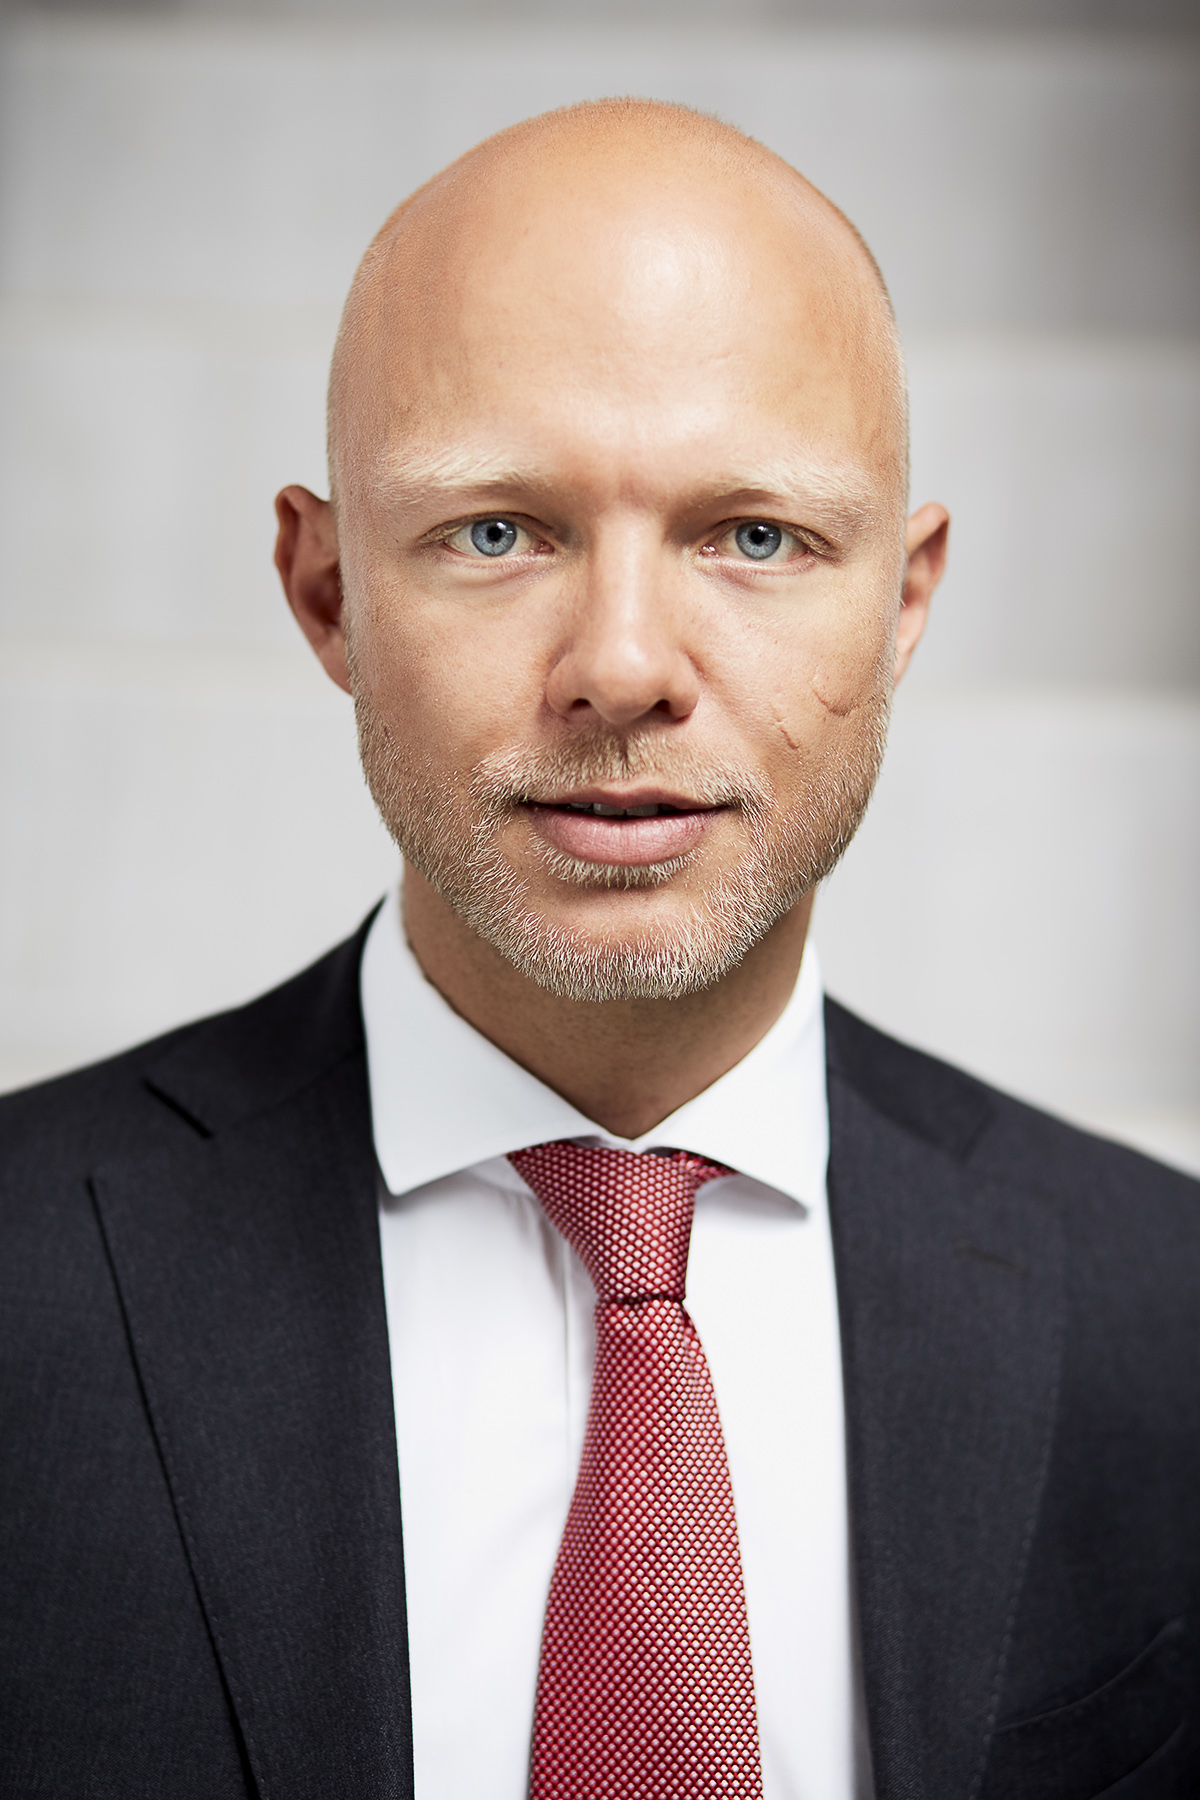 Sebastian Bänsch Fotografie Startseite